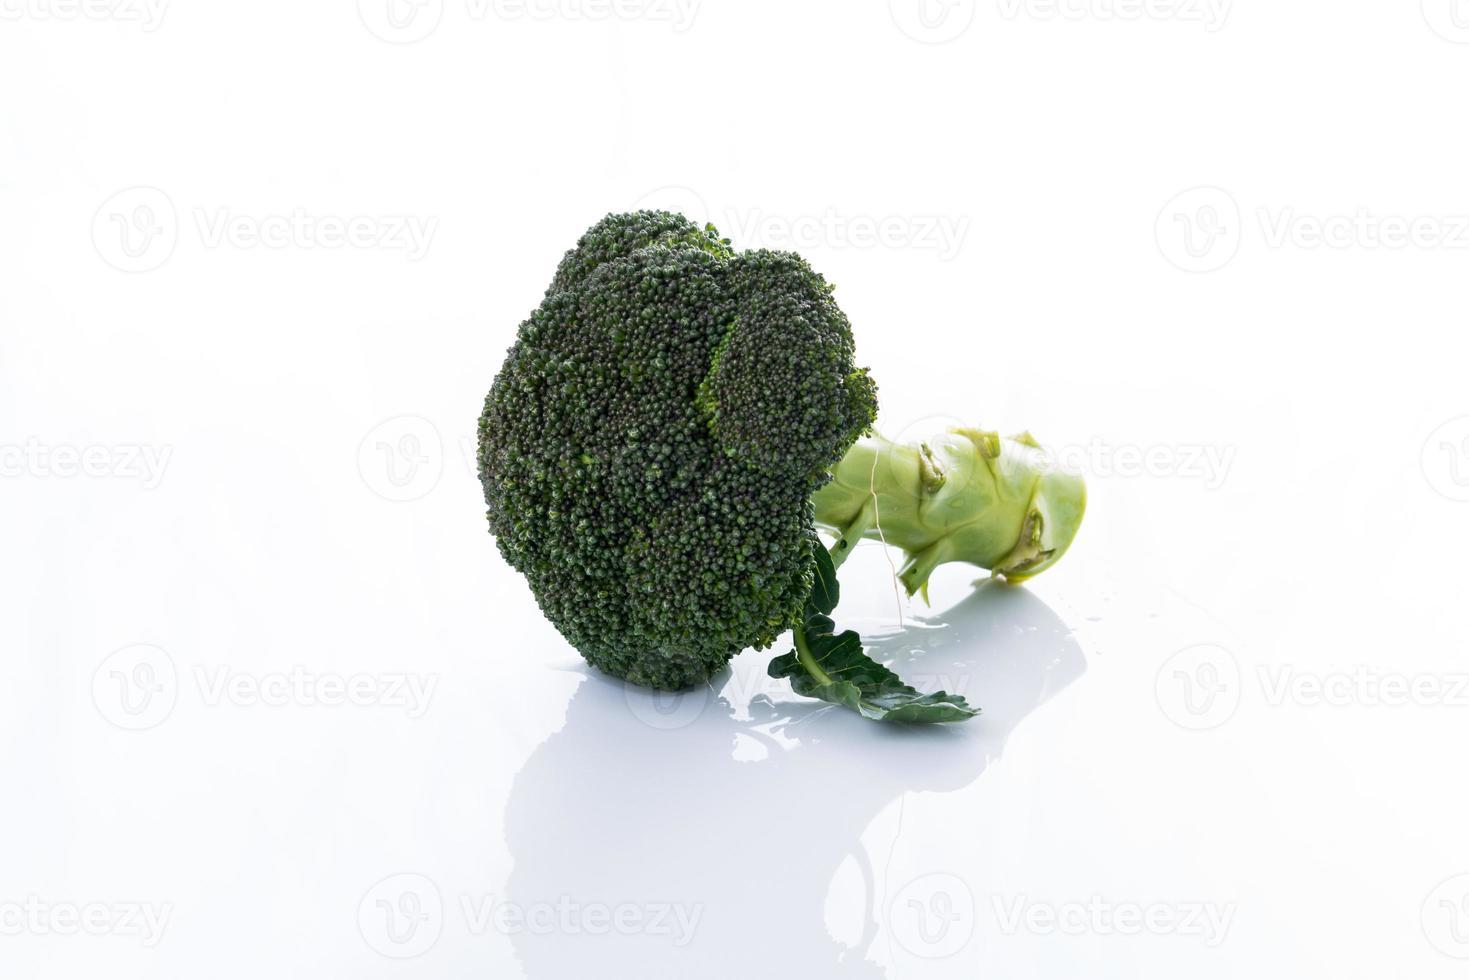 cerrar brócoli en blanco foto